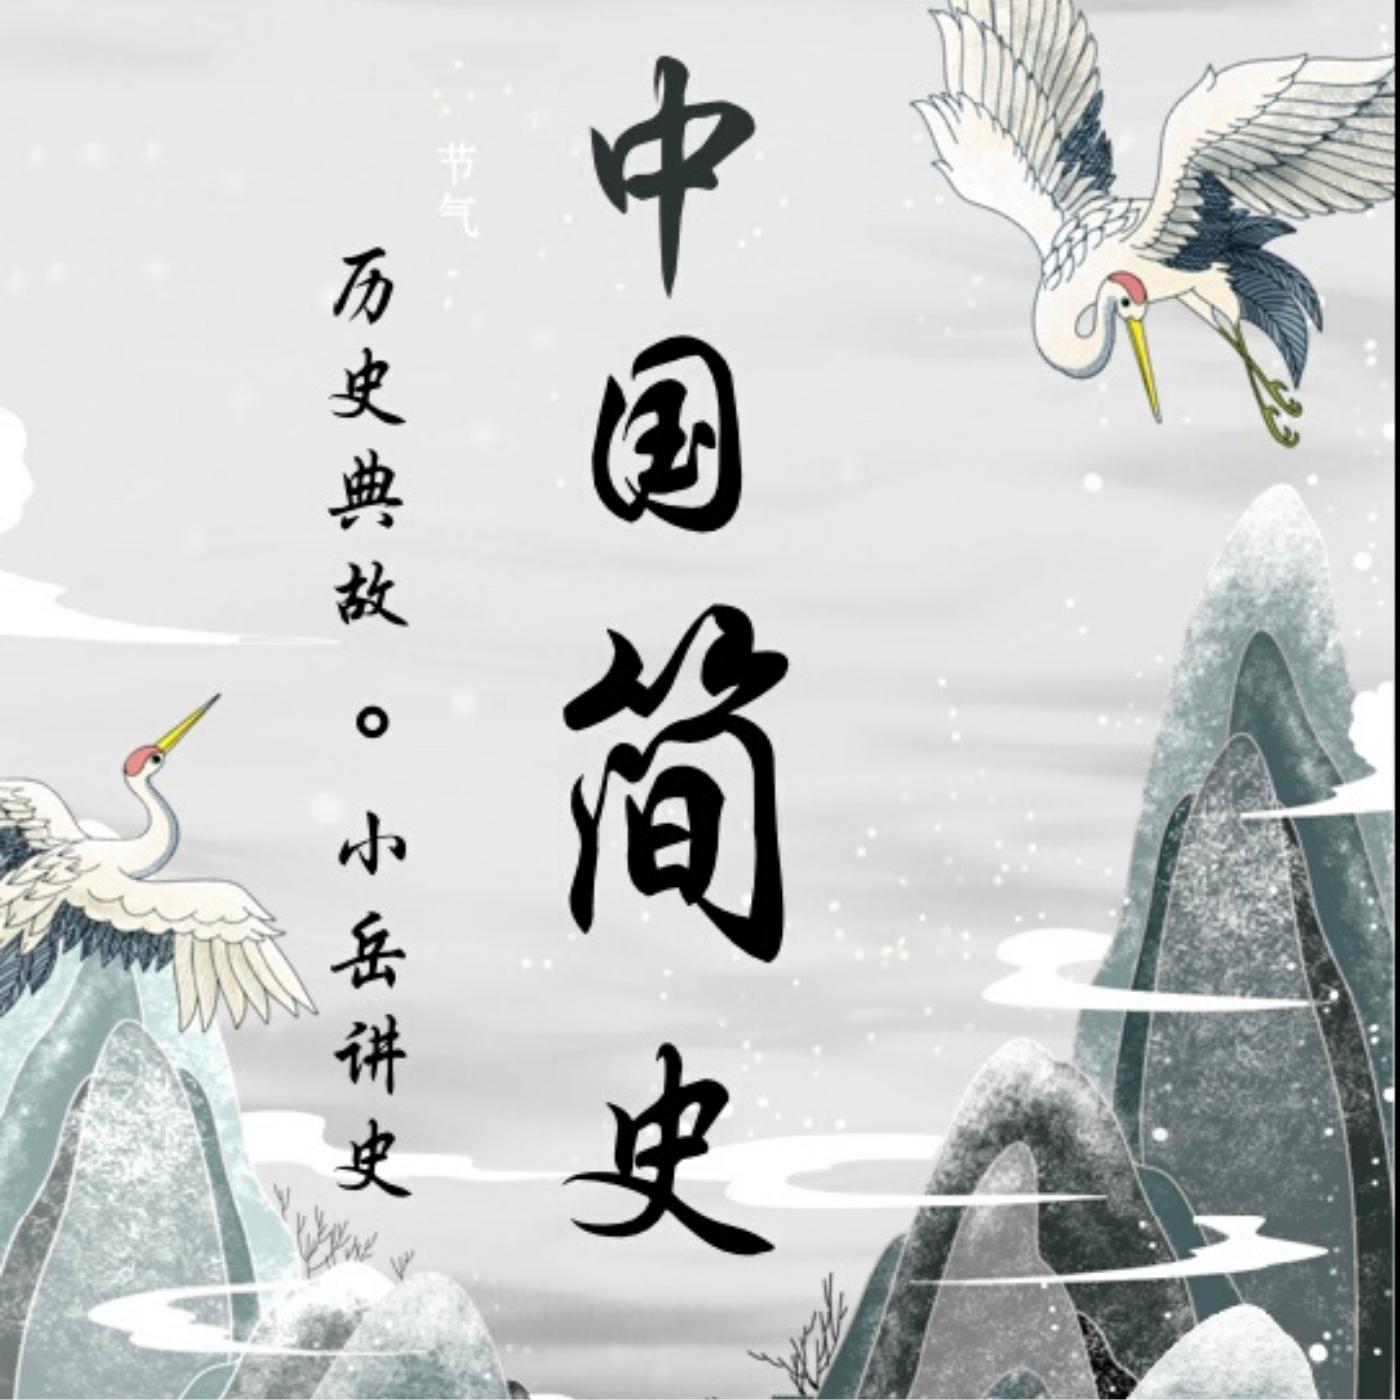 中国简史 | 历史典故